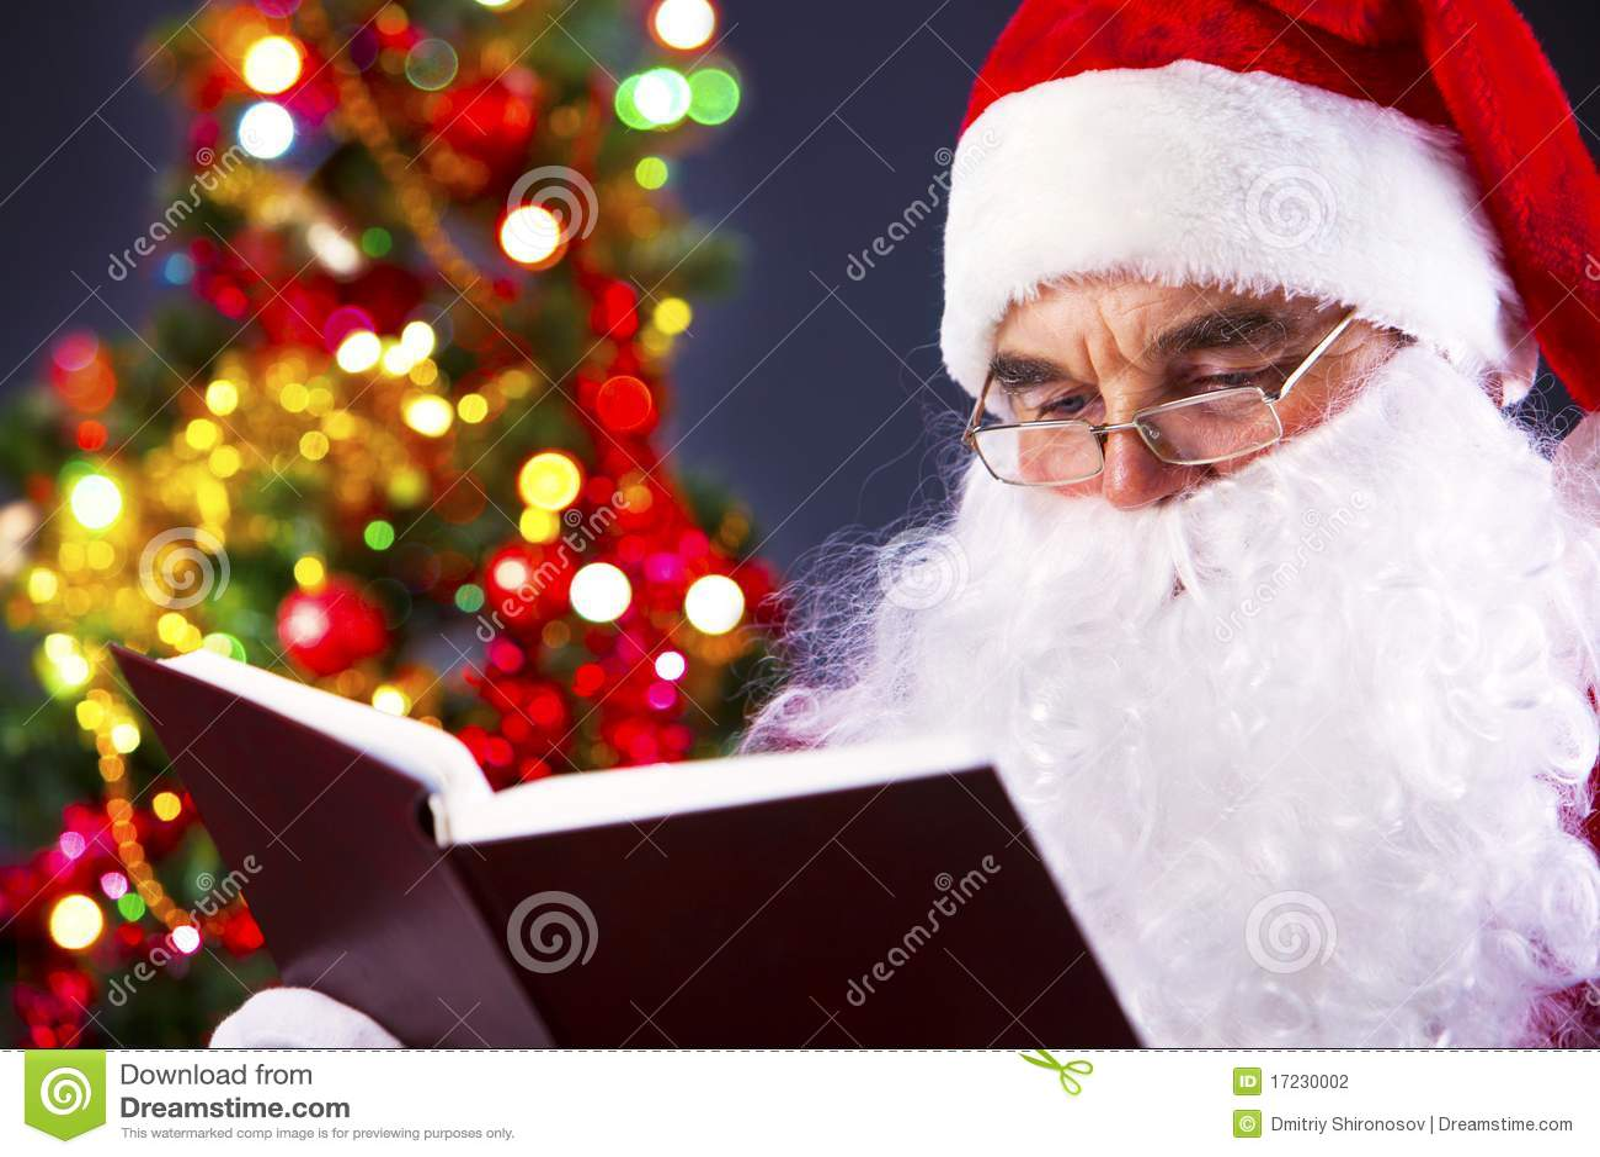 Christmas Tree Prices